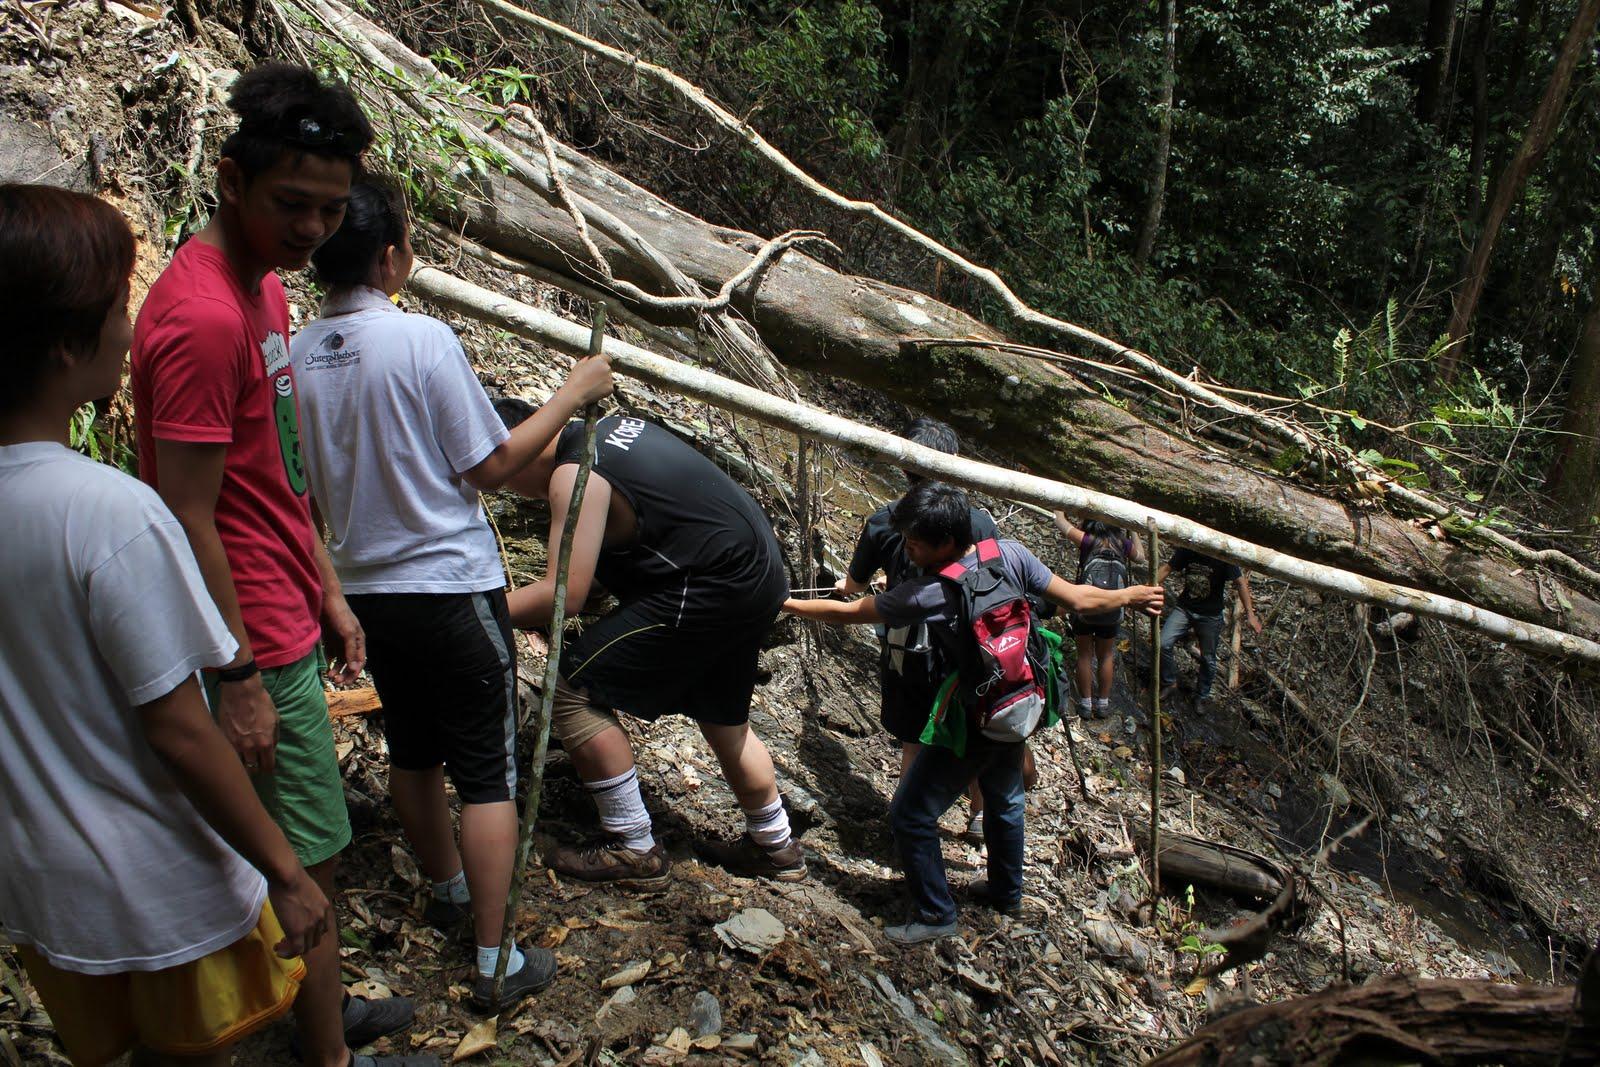 Image from Travel Around Borneo